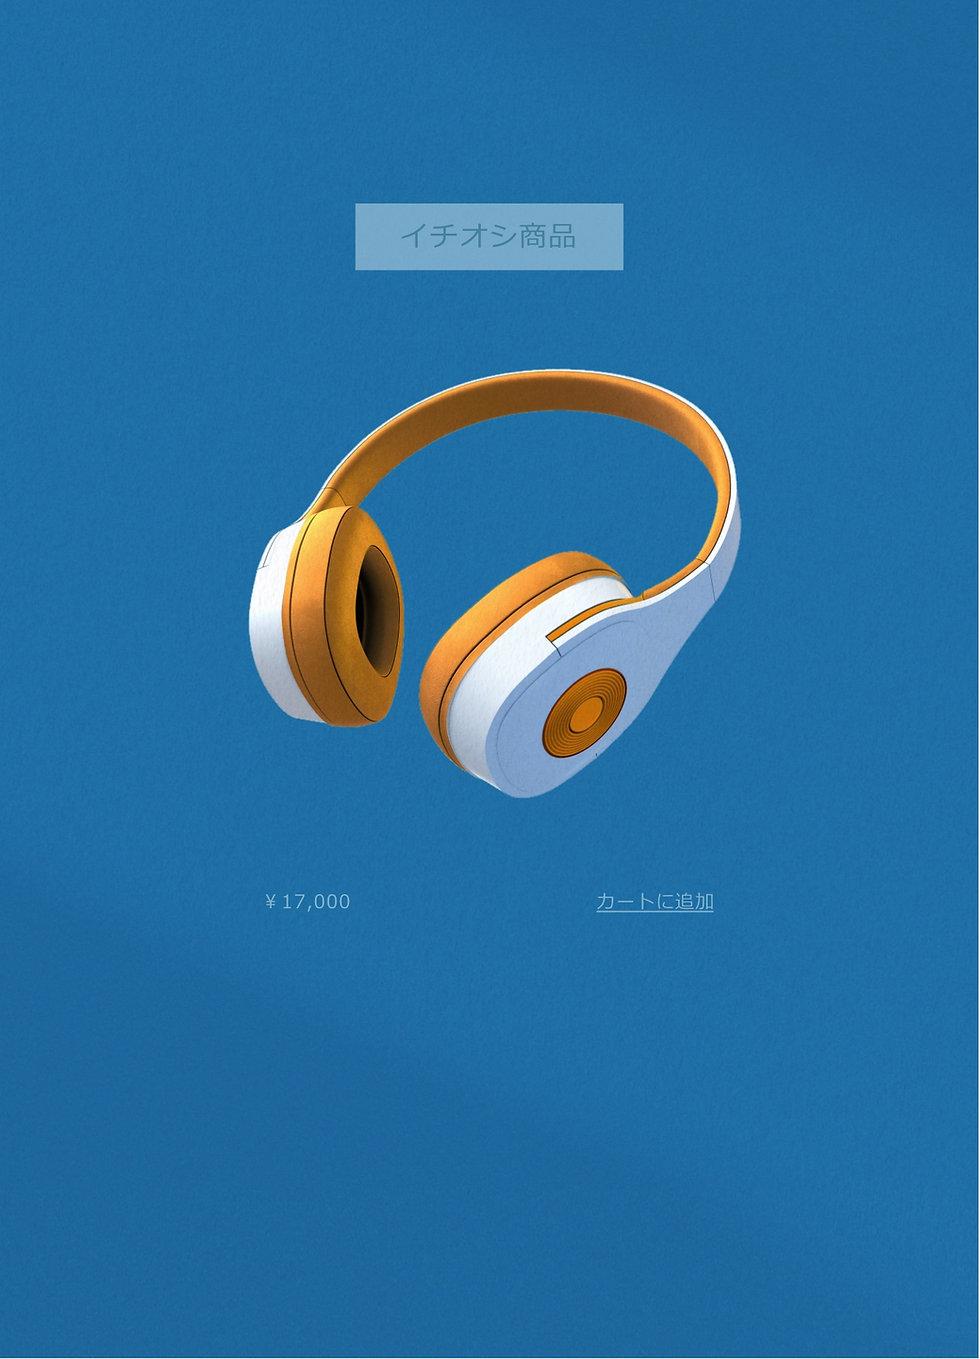 Wix の e コマースストア(EC サイト)で販売されているオレンジと白のヘッドフォン、「売れ筋」バッジ、価格と「カートに入れる」ボタン